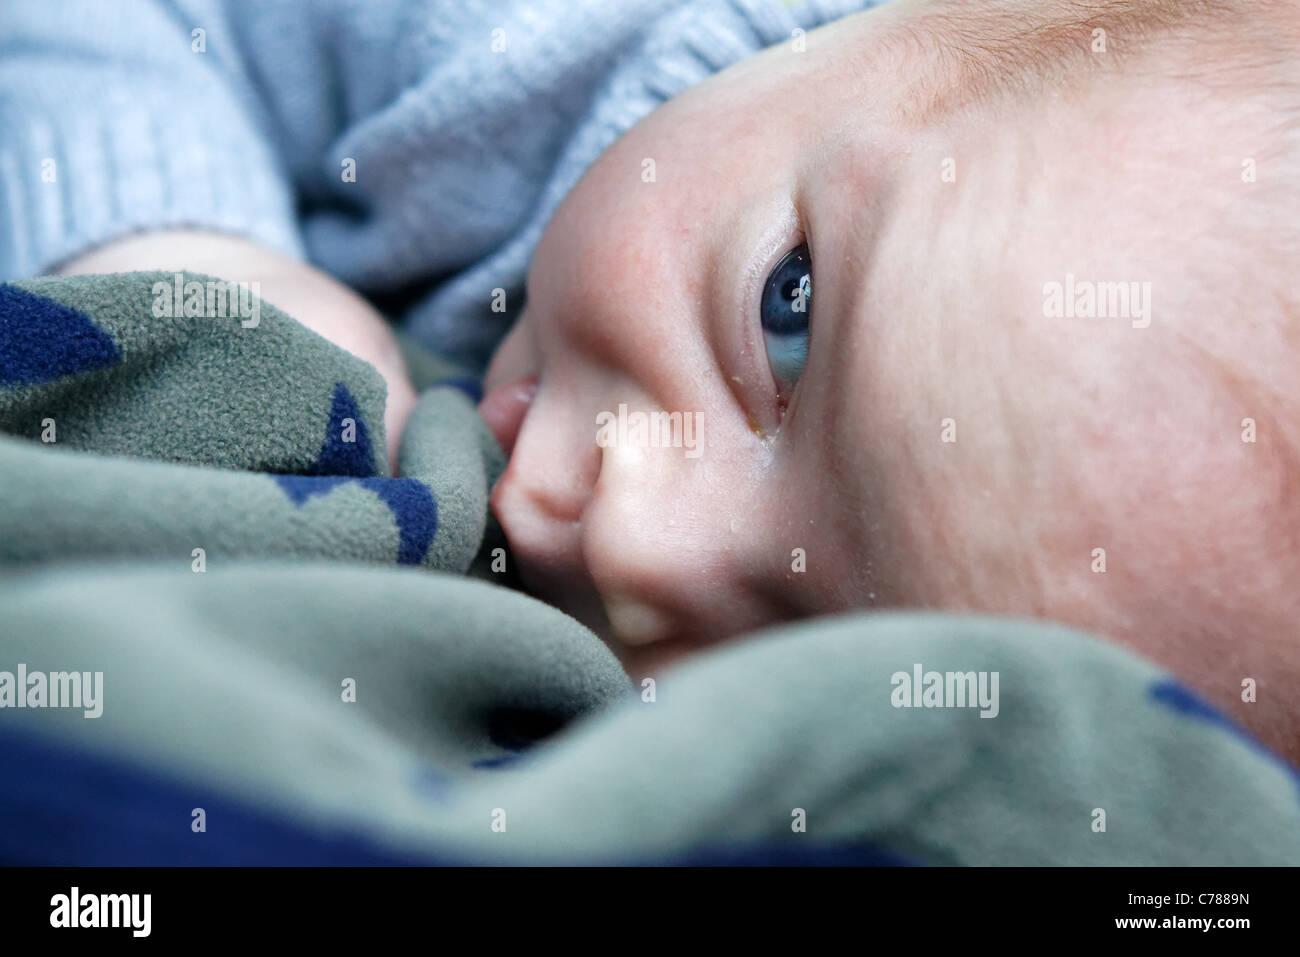 Blue-eyed infant - Stock Image